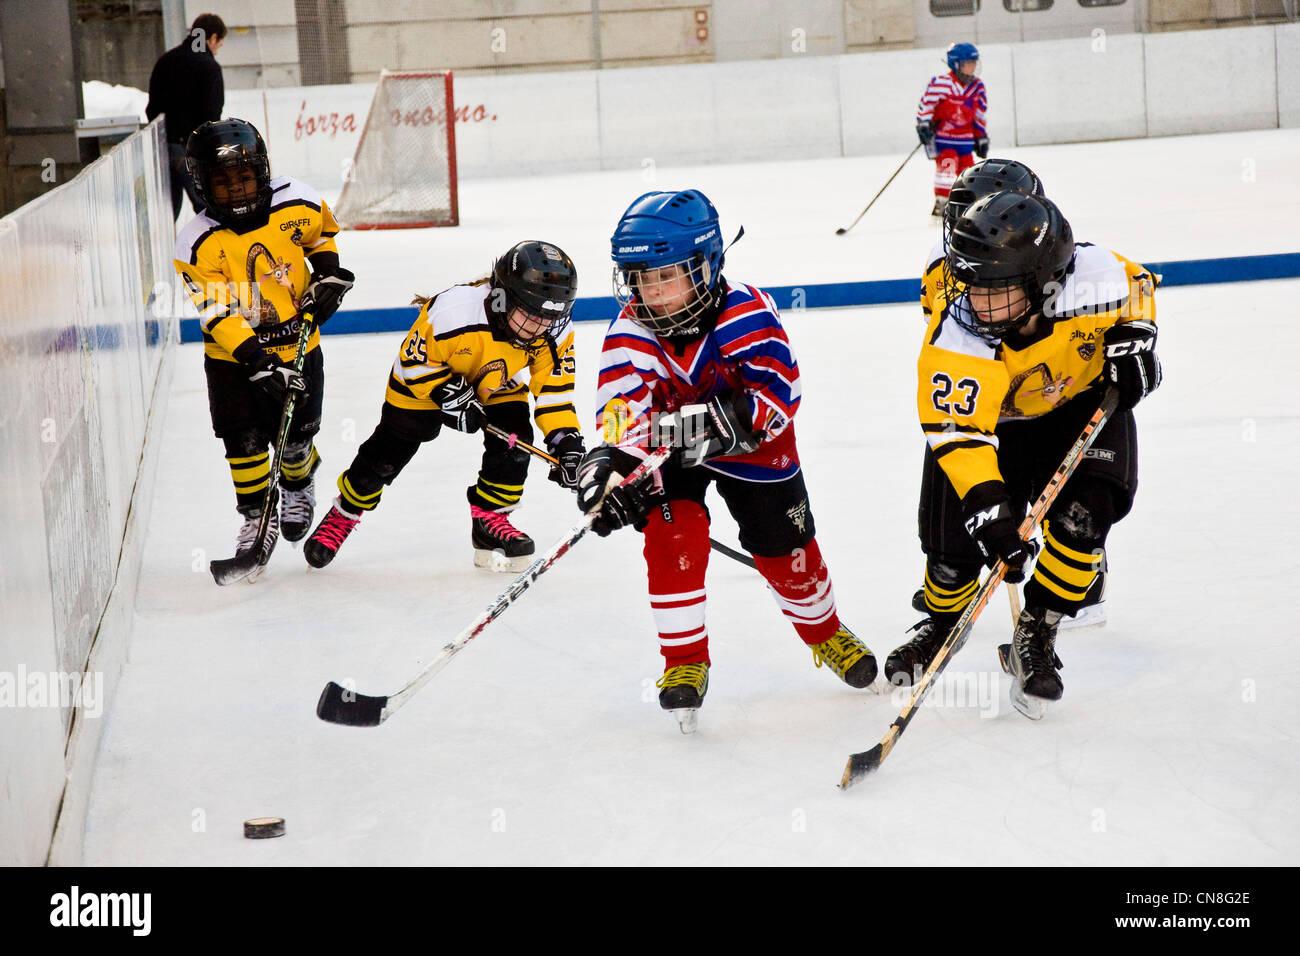 Svizzera Canton Ticino, Sonogno, hockey su ghiaccio Immagini Stock